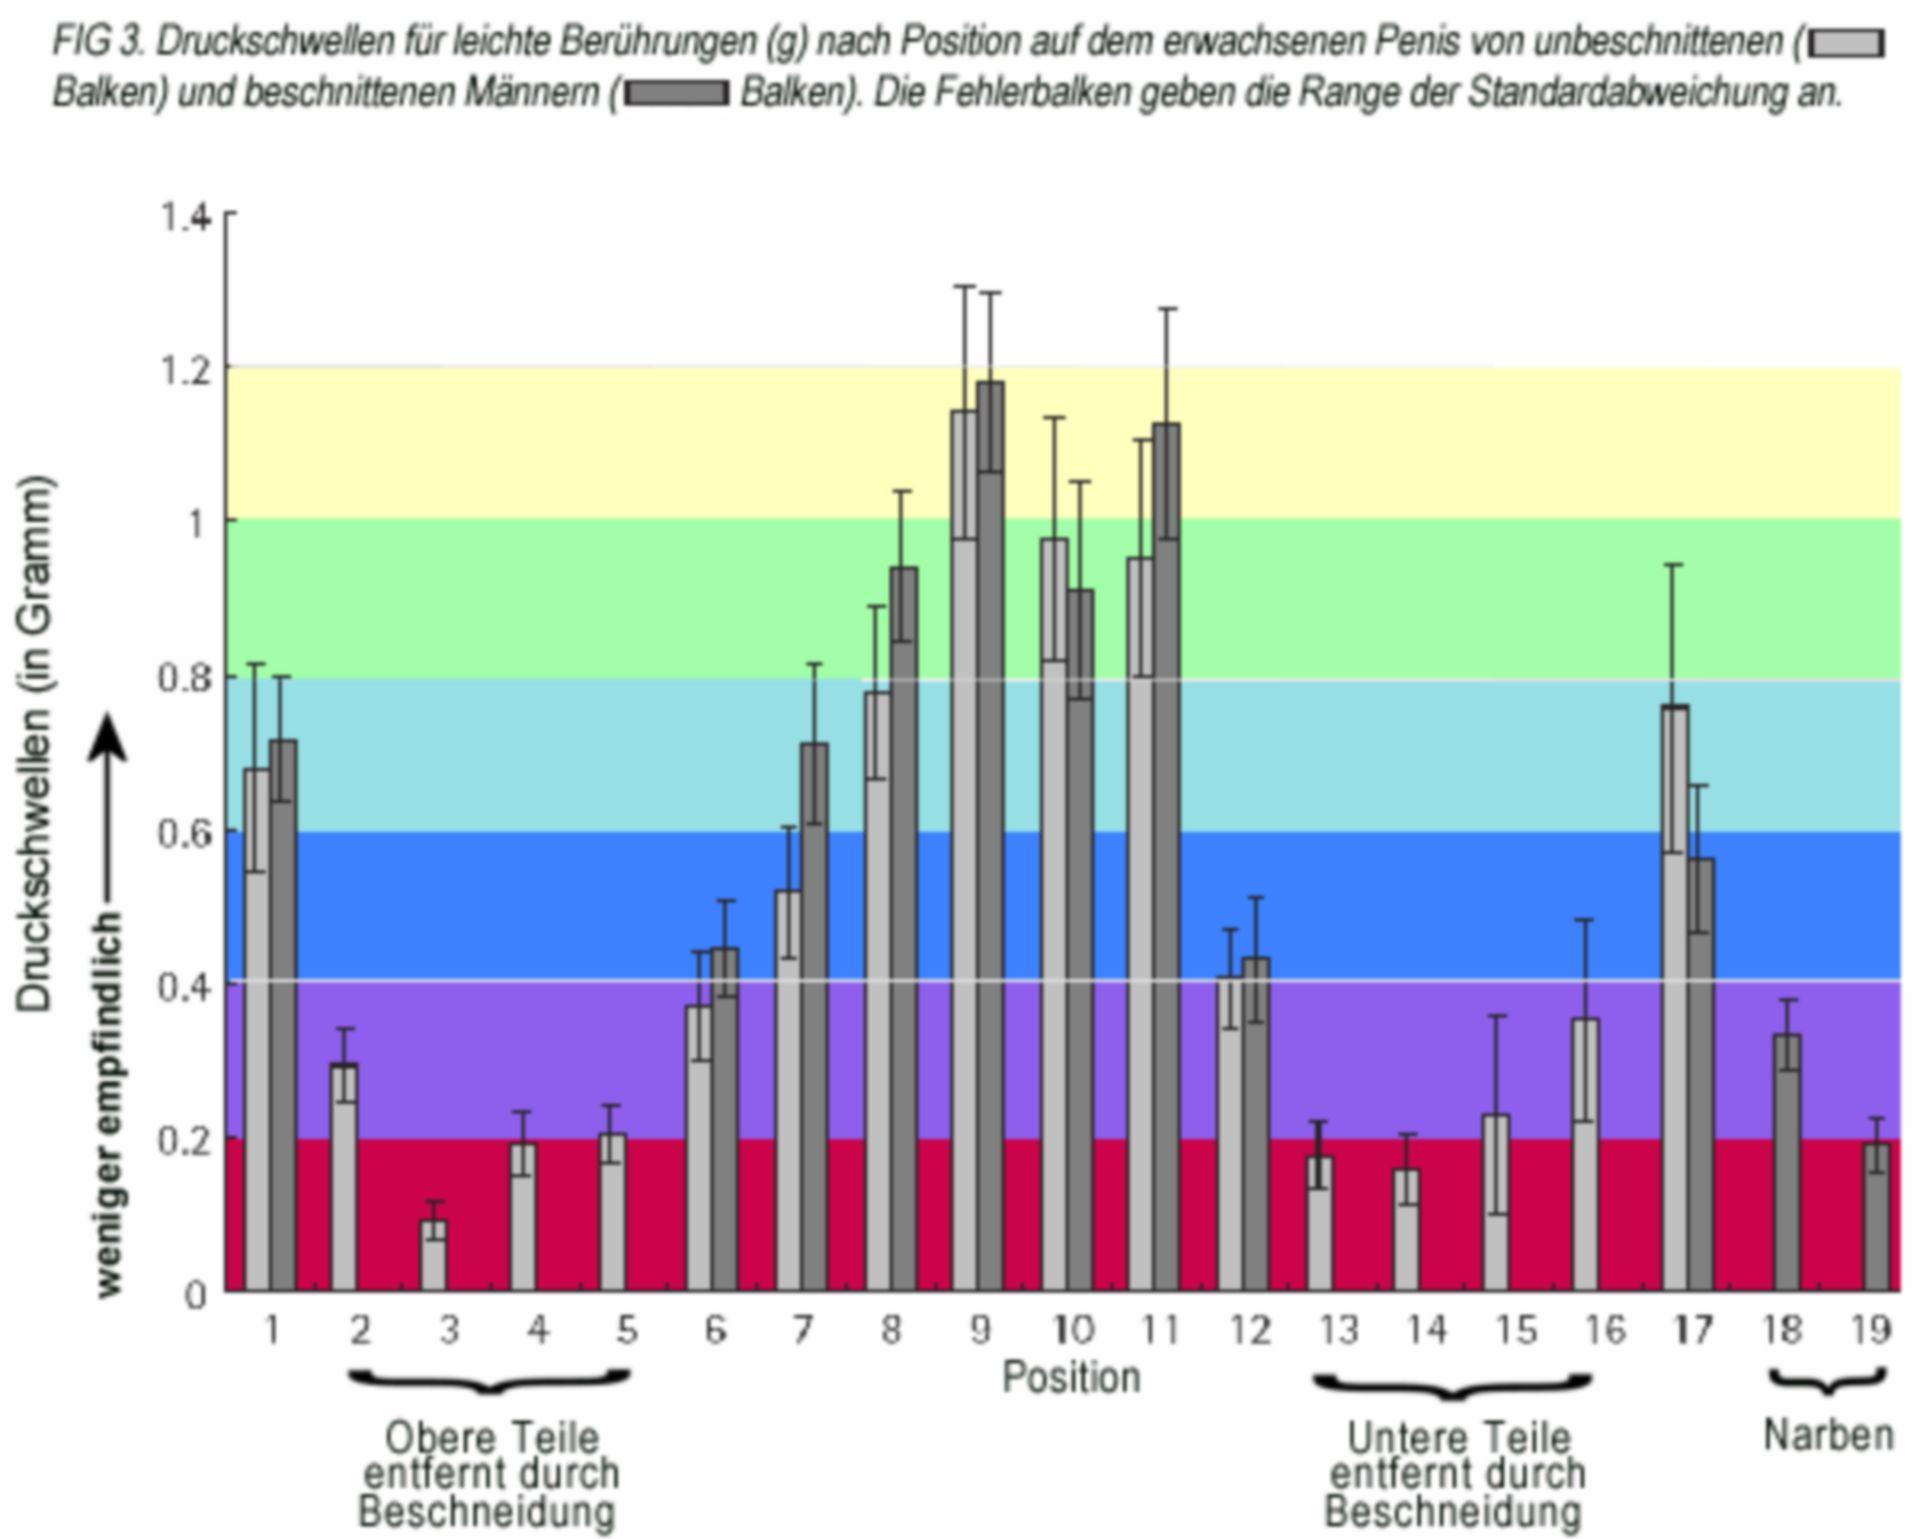 Niveles críticos de presión para tactos suaves en el pene humano